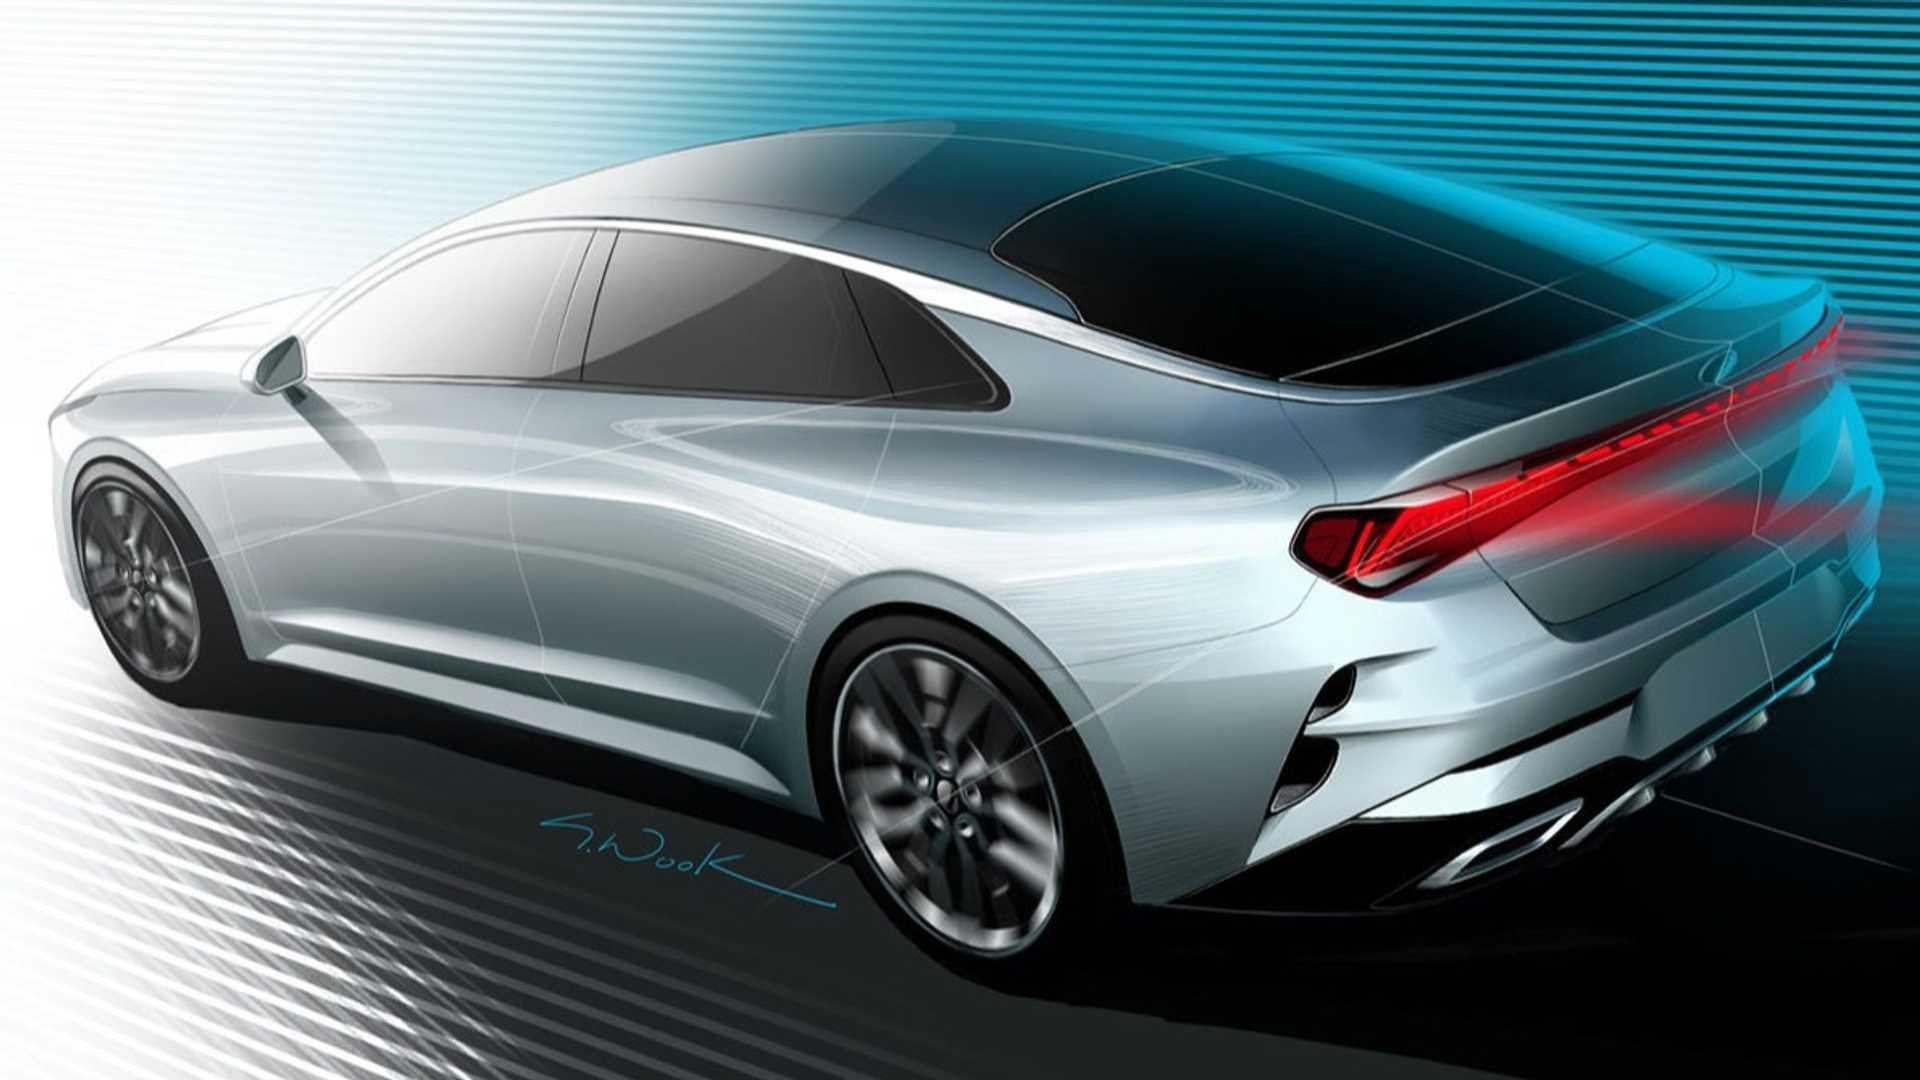 2021 Kia Gt Coupe New Review Kia Optima Pontiac Gto Kia